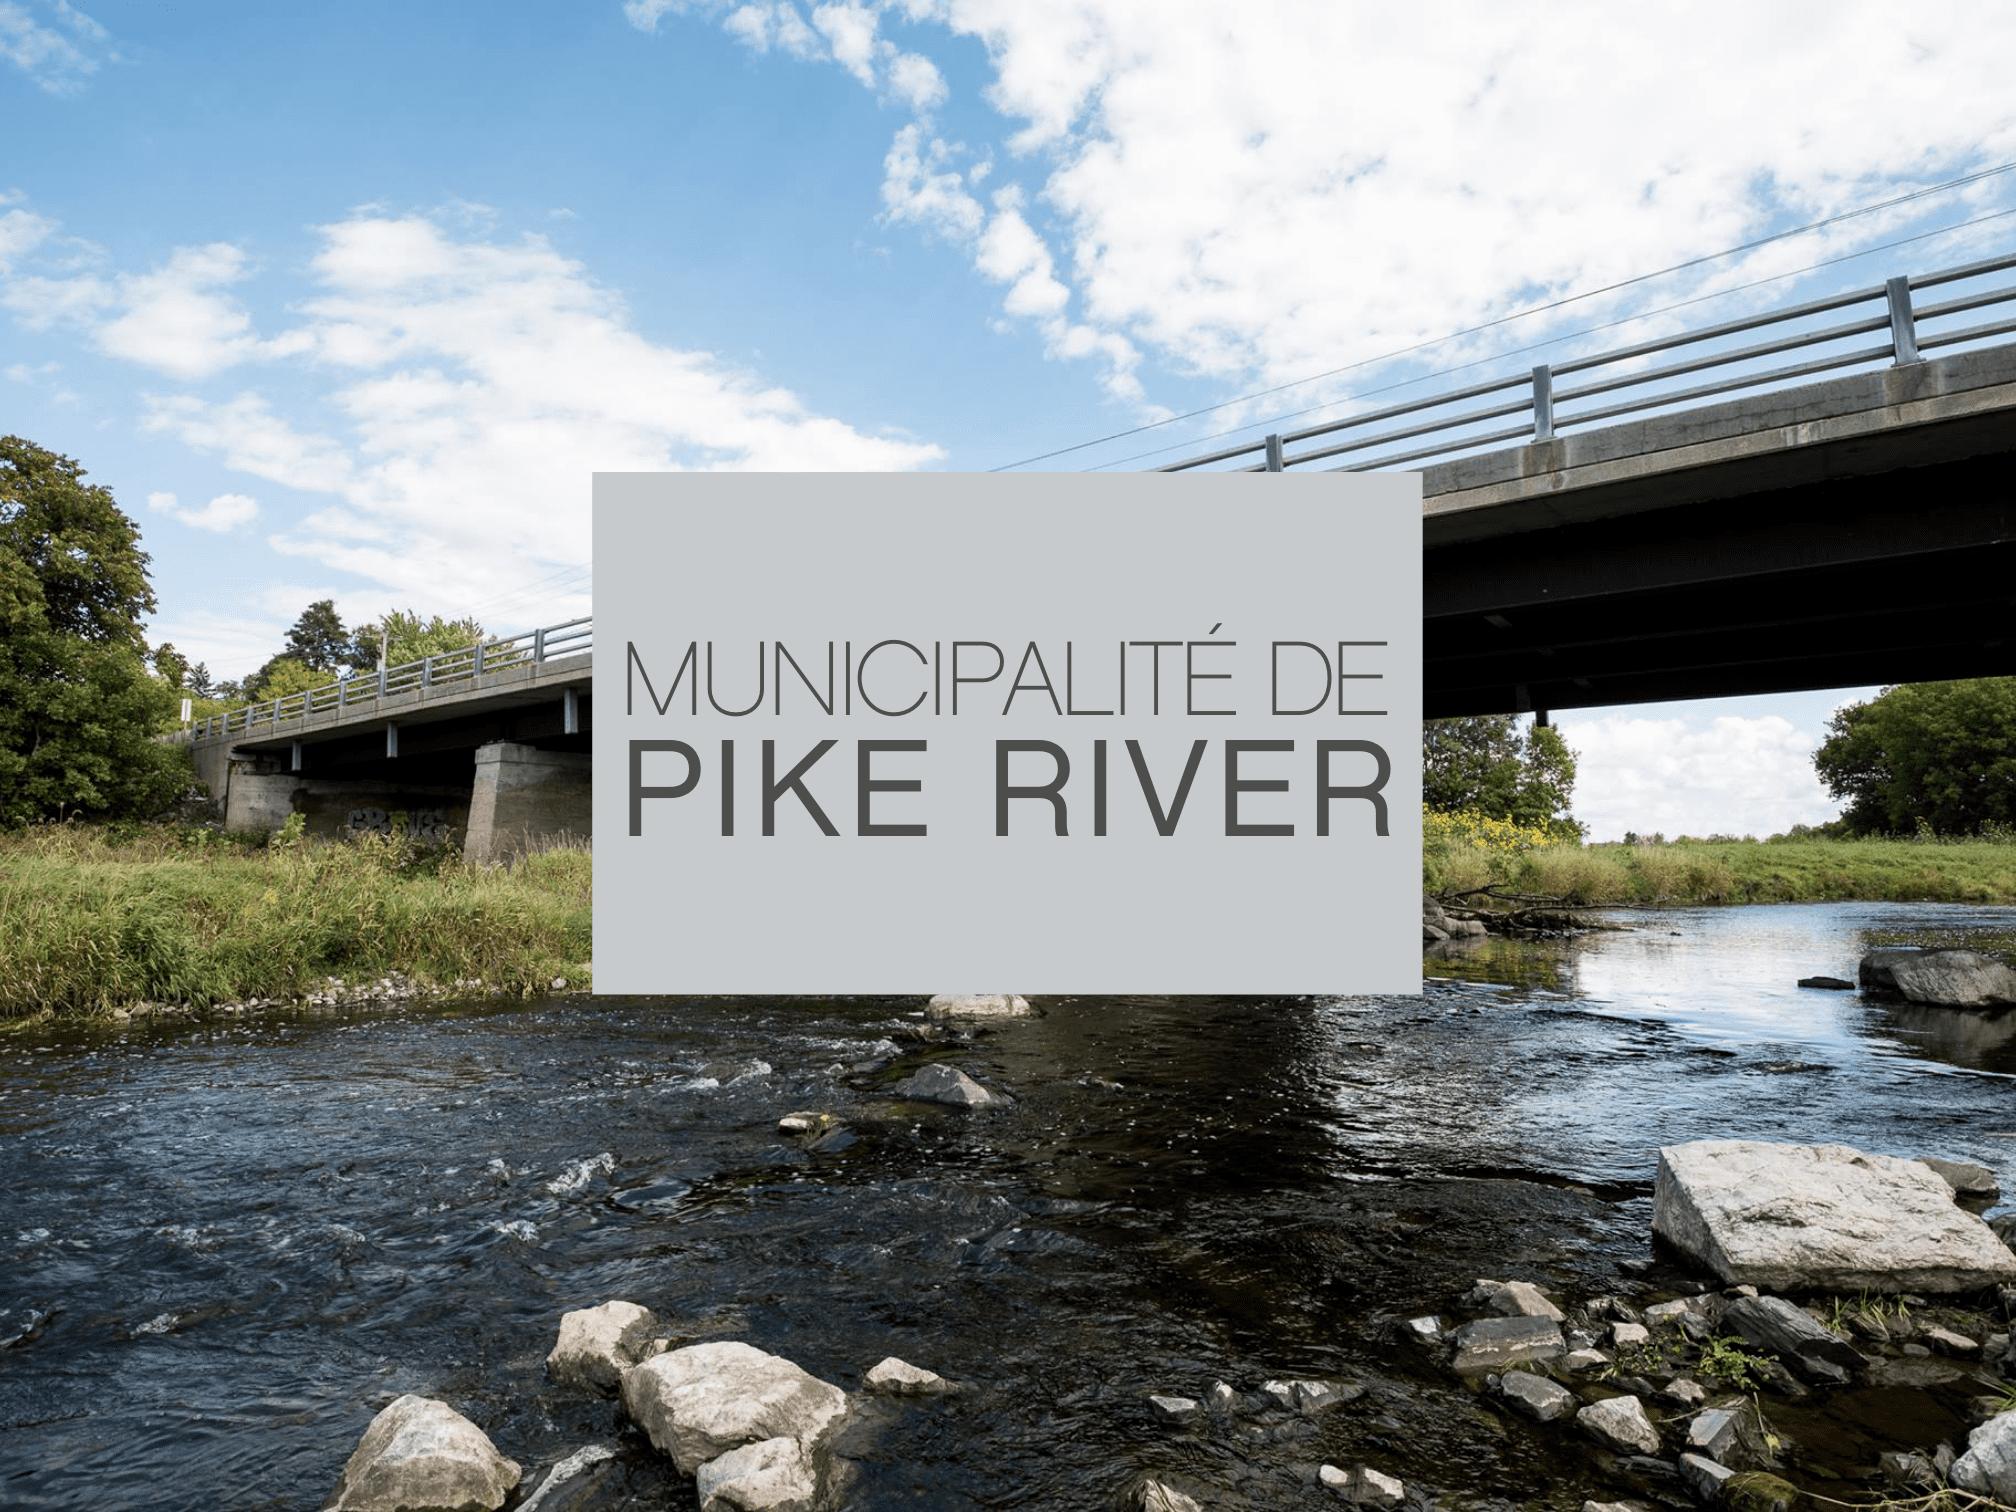 Pont en pierres surplomblant une rivière